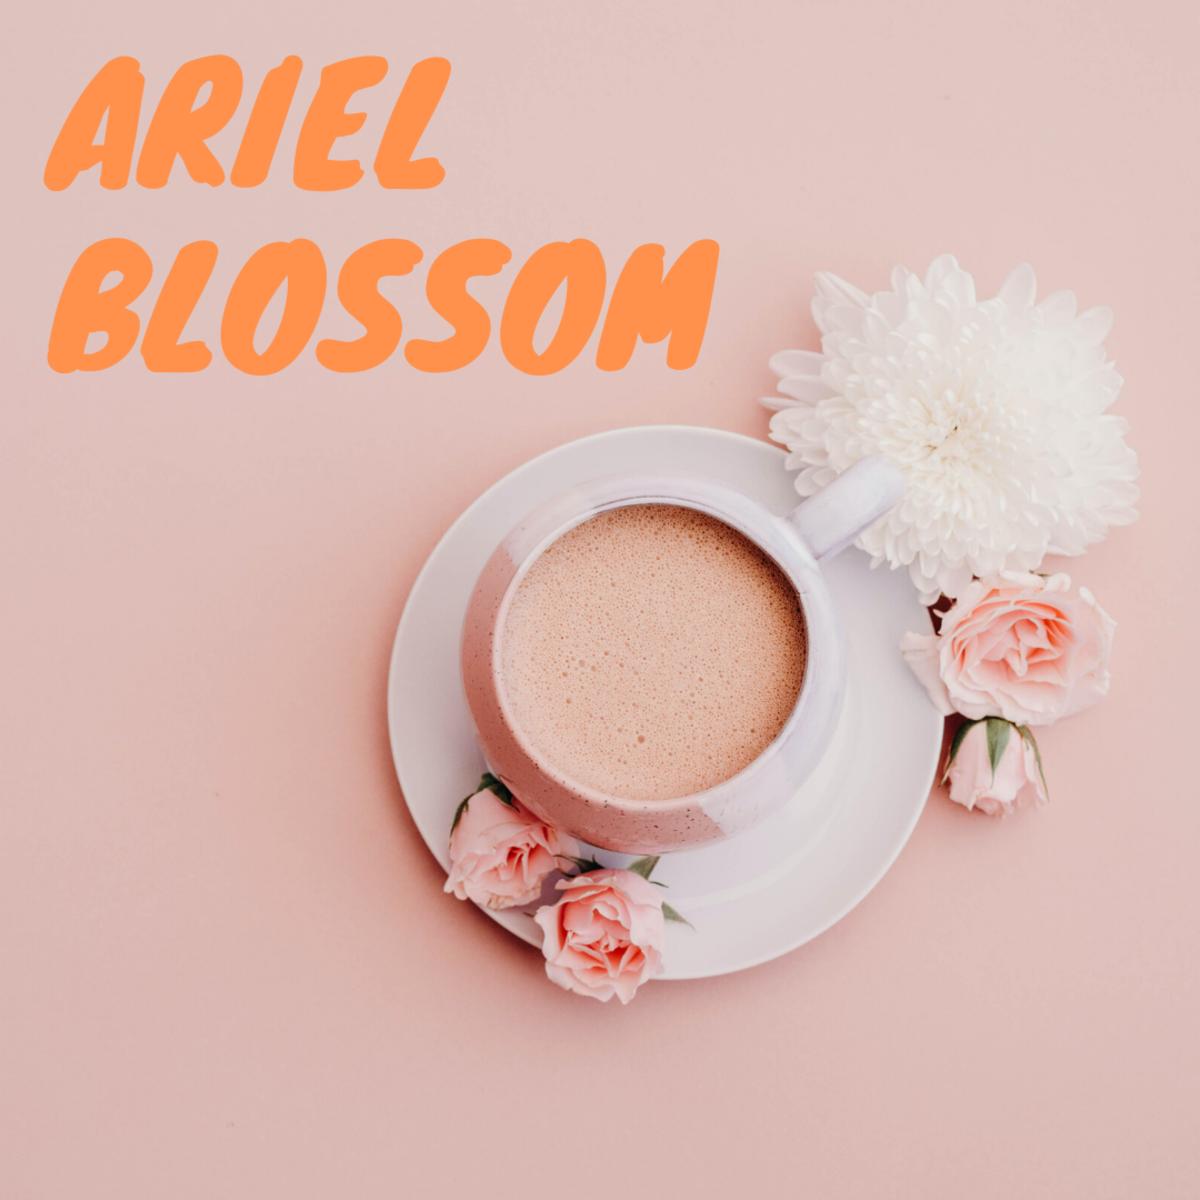 Ariel Blossom